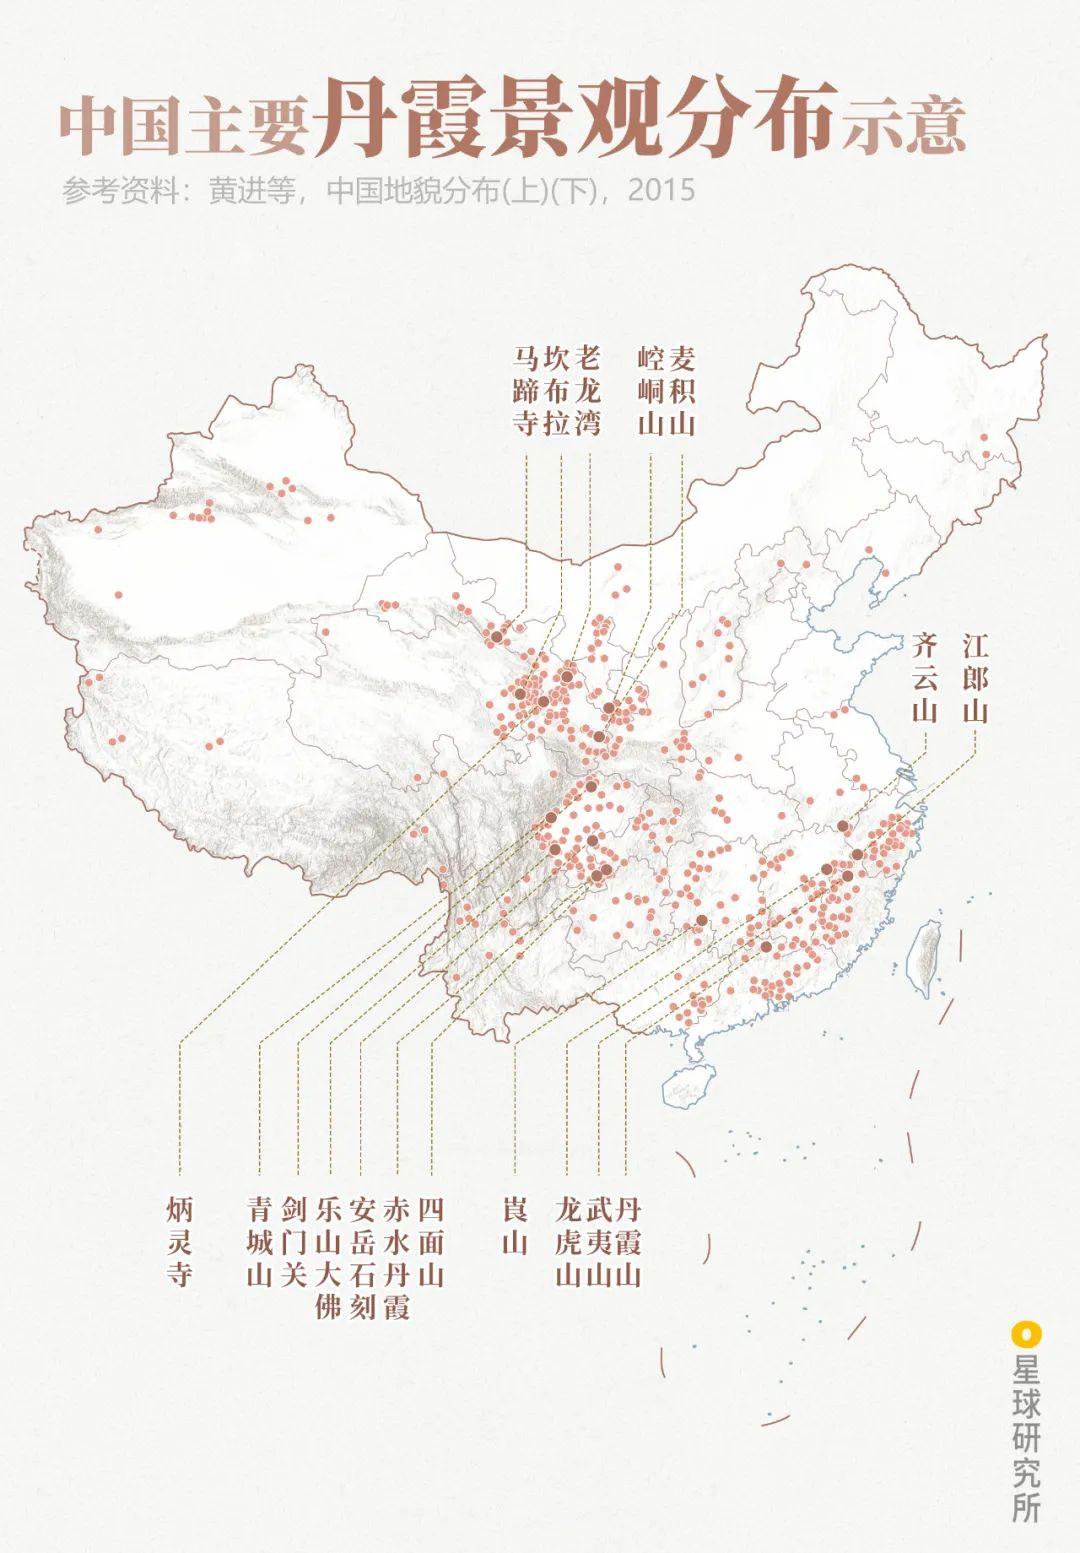 中国最美丹霞在哪里?